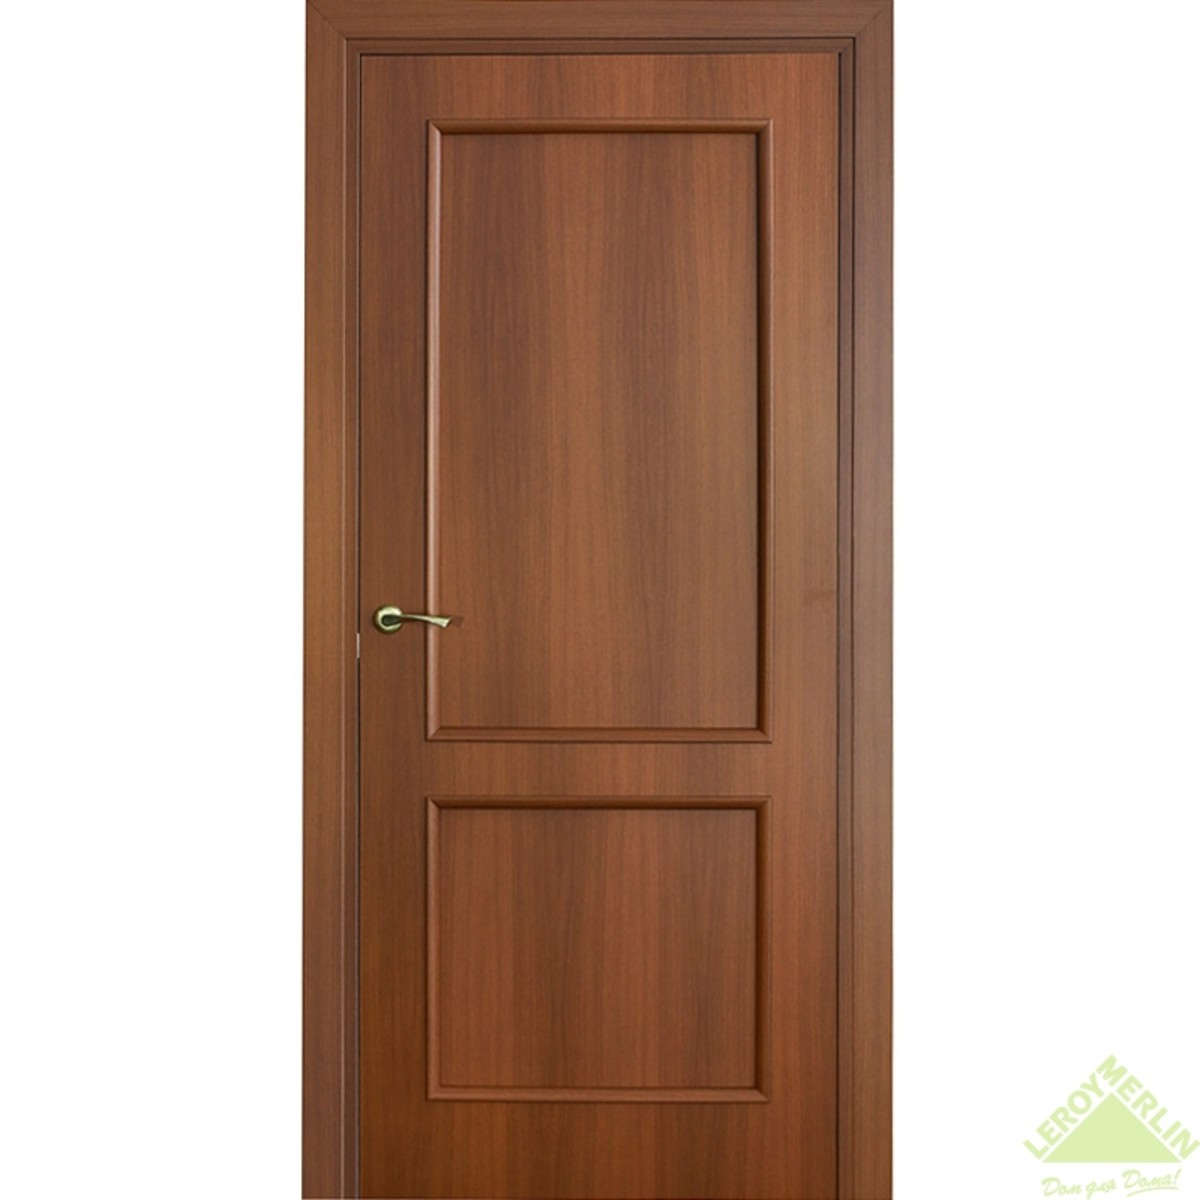 Дверь Межкомнатная Глухая Фортунато Классика 90x200 Ламинация Цвет Орех